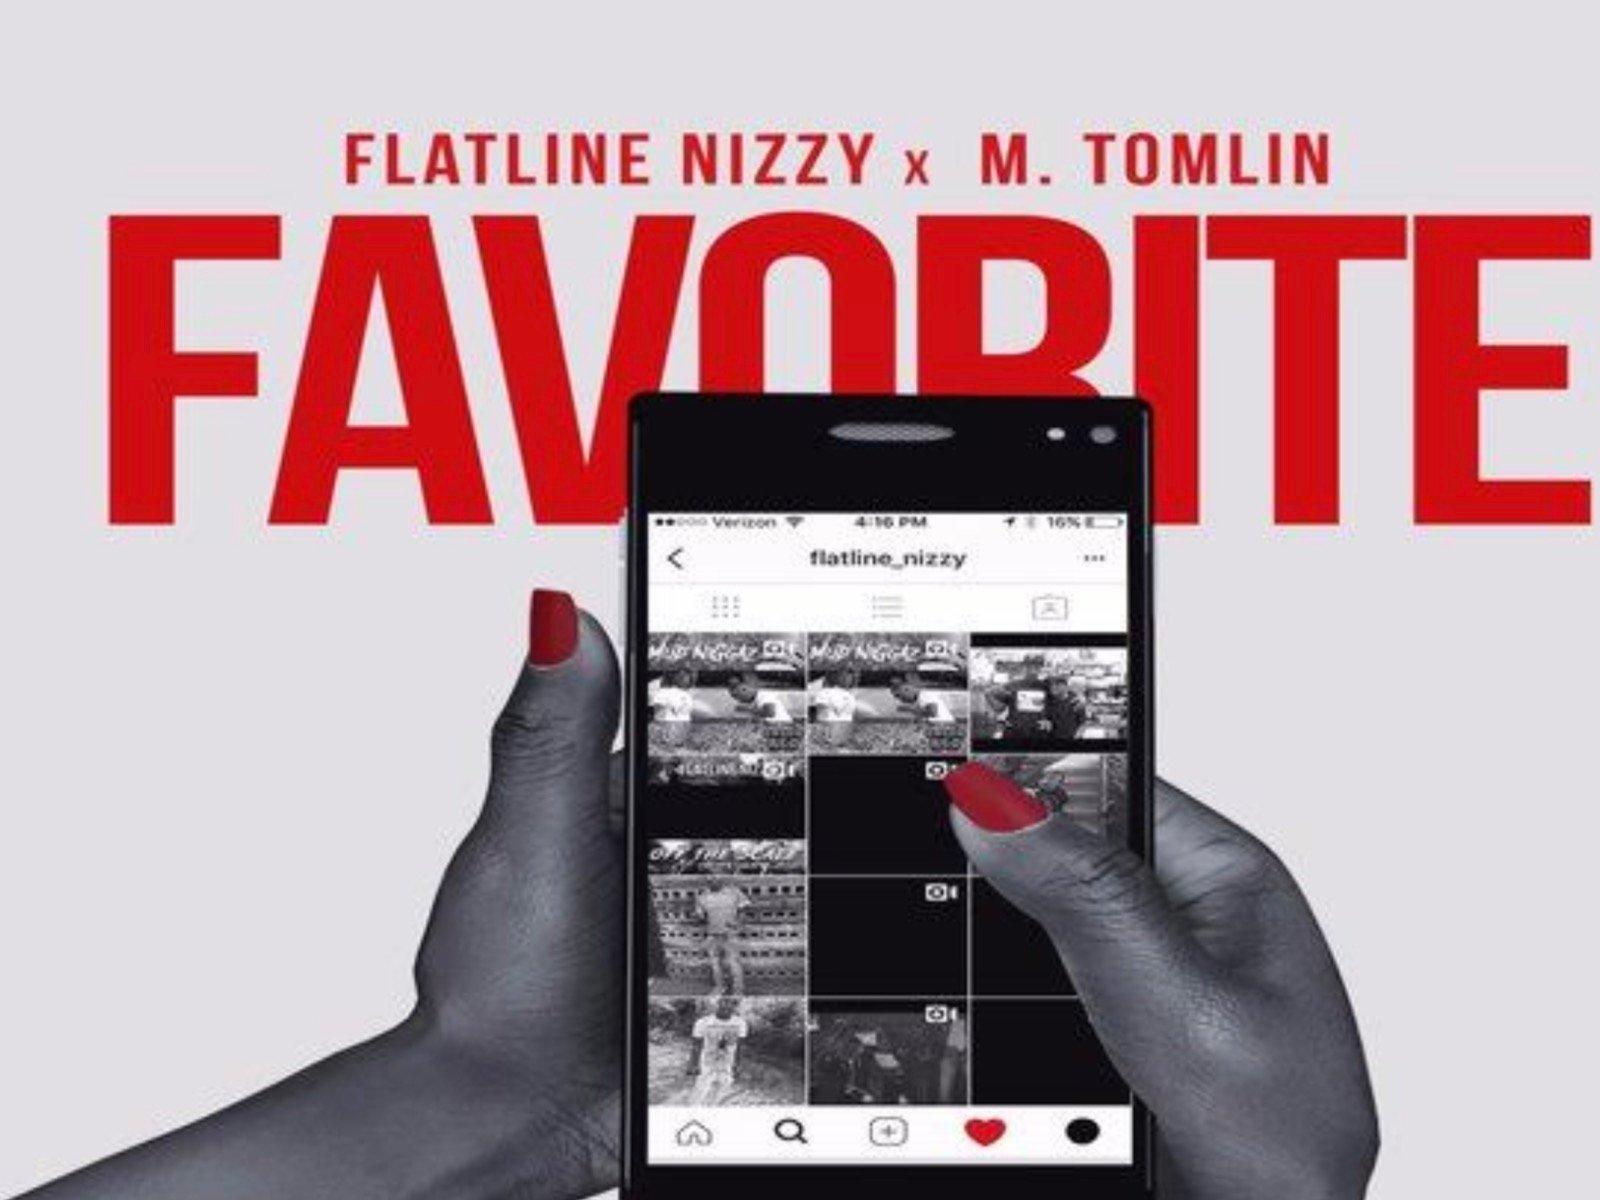 Flatline Nizzy